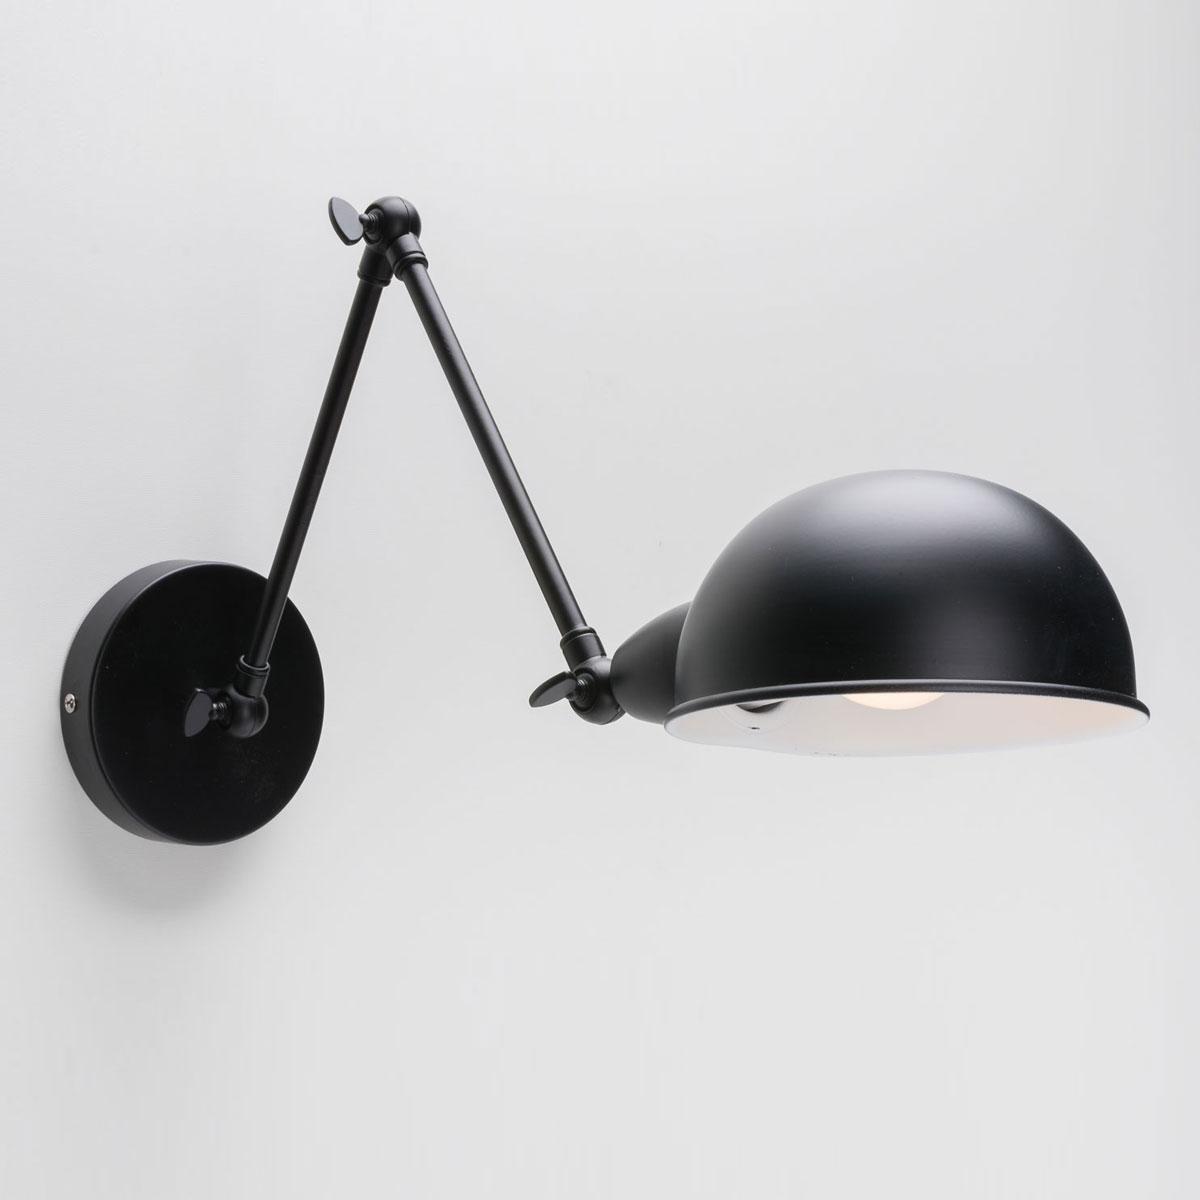 Настенный светильник Folke черный